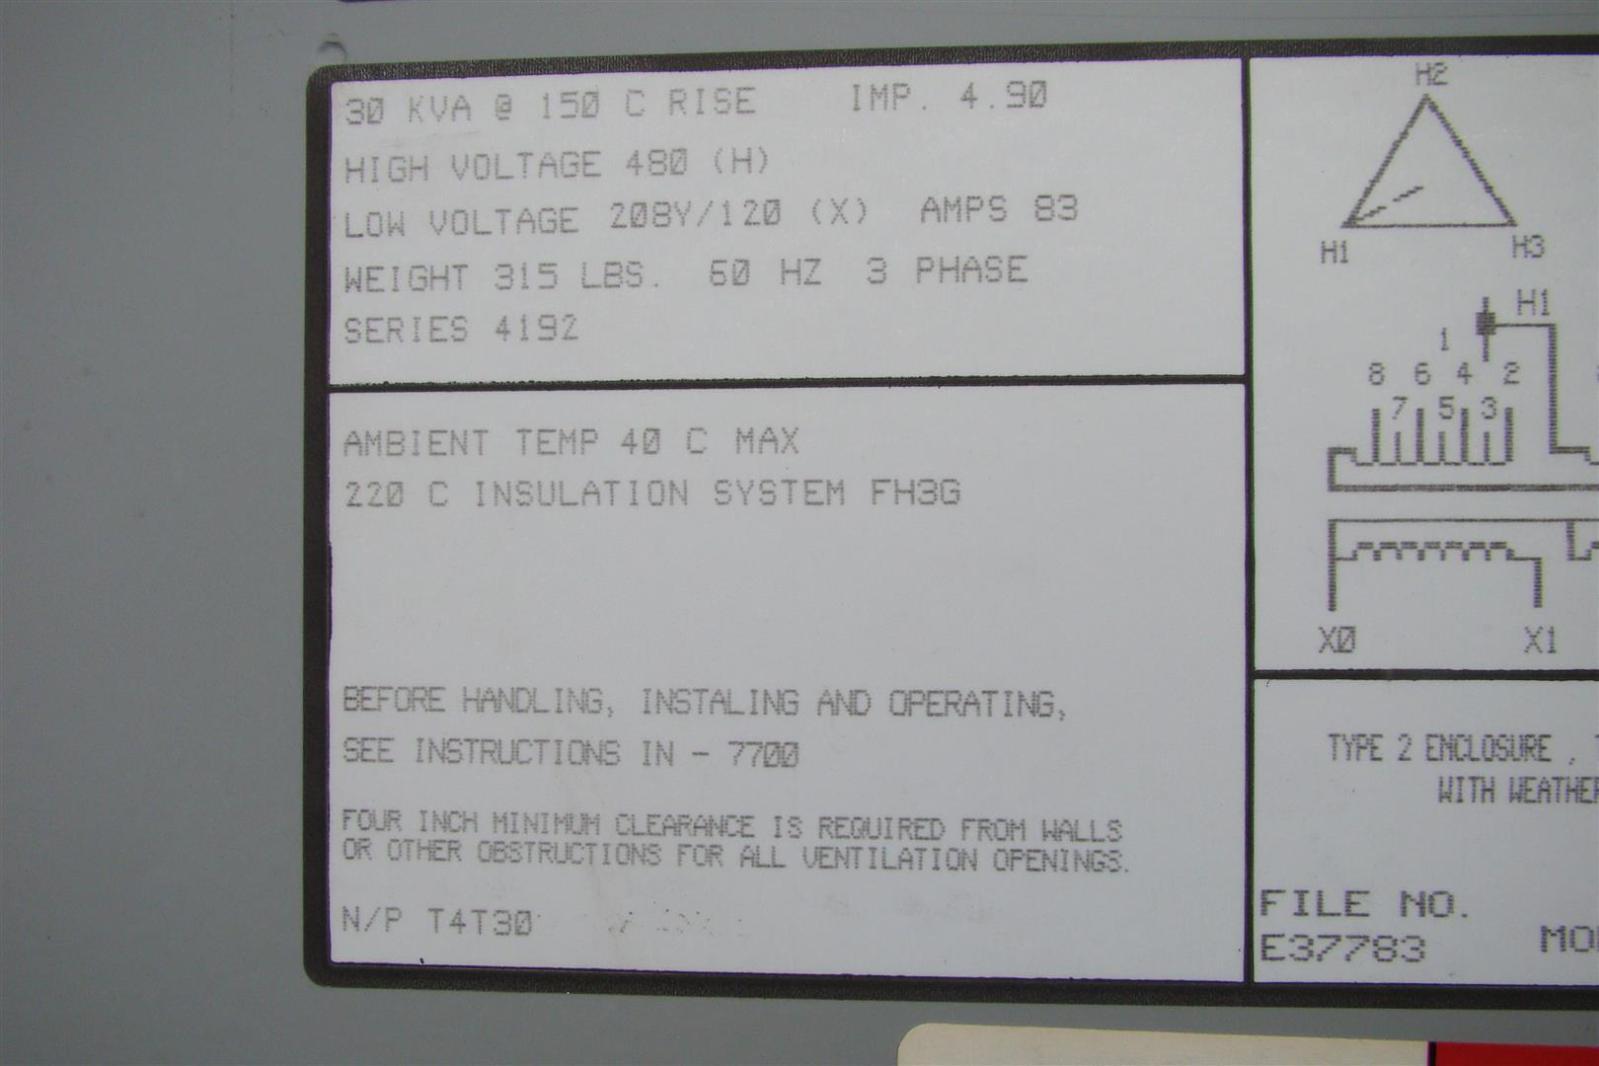 hight resolution of 30 kva transformer wiring diagram